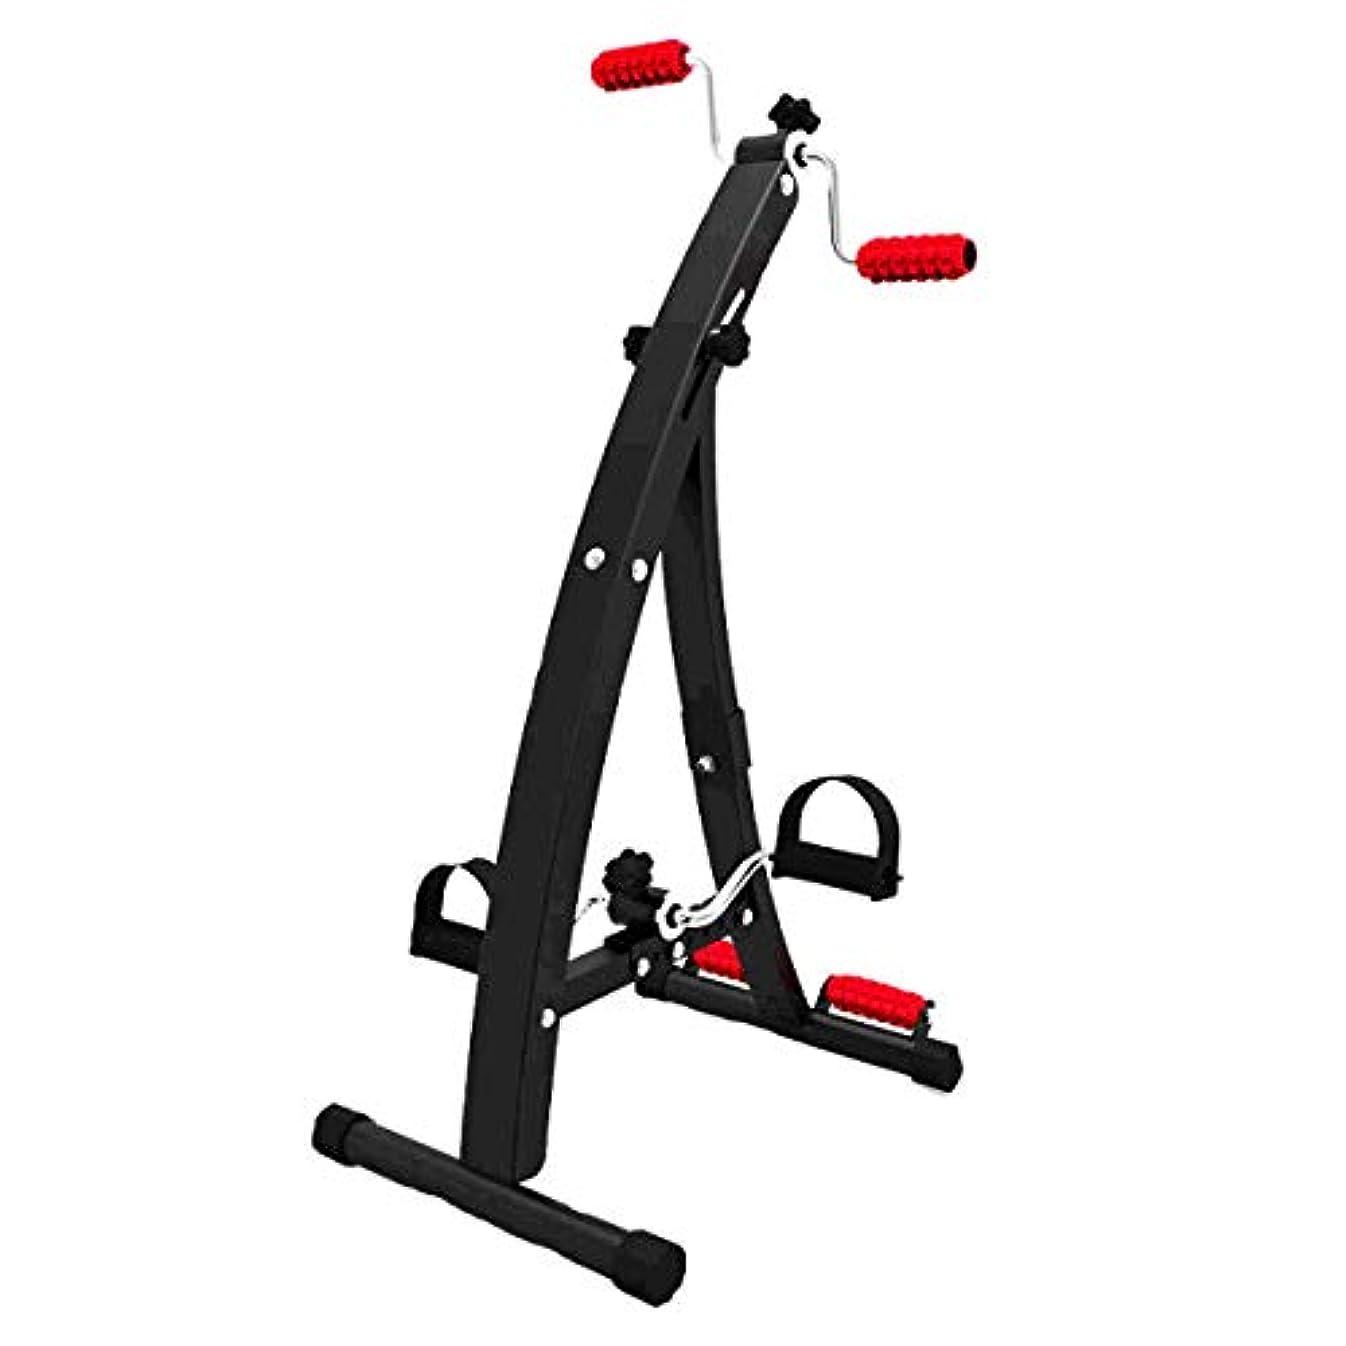 絶滅させるもの和ペダルエクササイザー、医療リハビリテーション体操上肢および下肢のトレーニング機器、筋萎縮リハビリテーション訓練を防ぐ,A